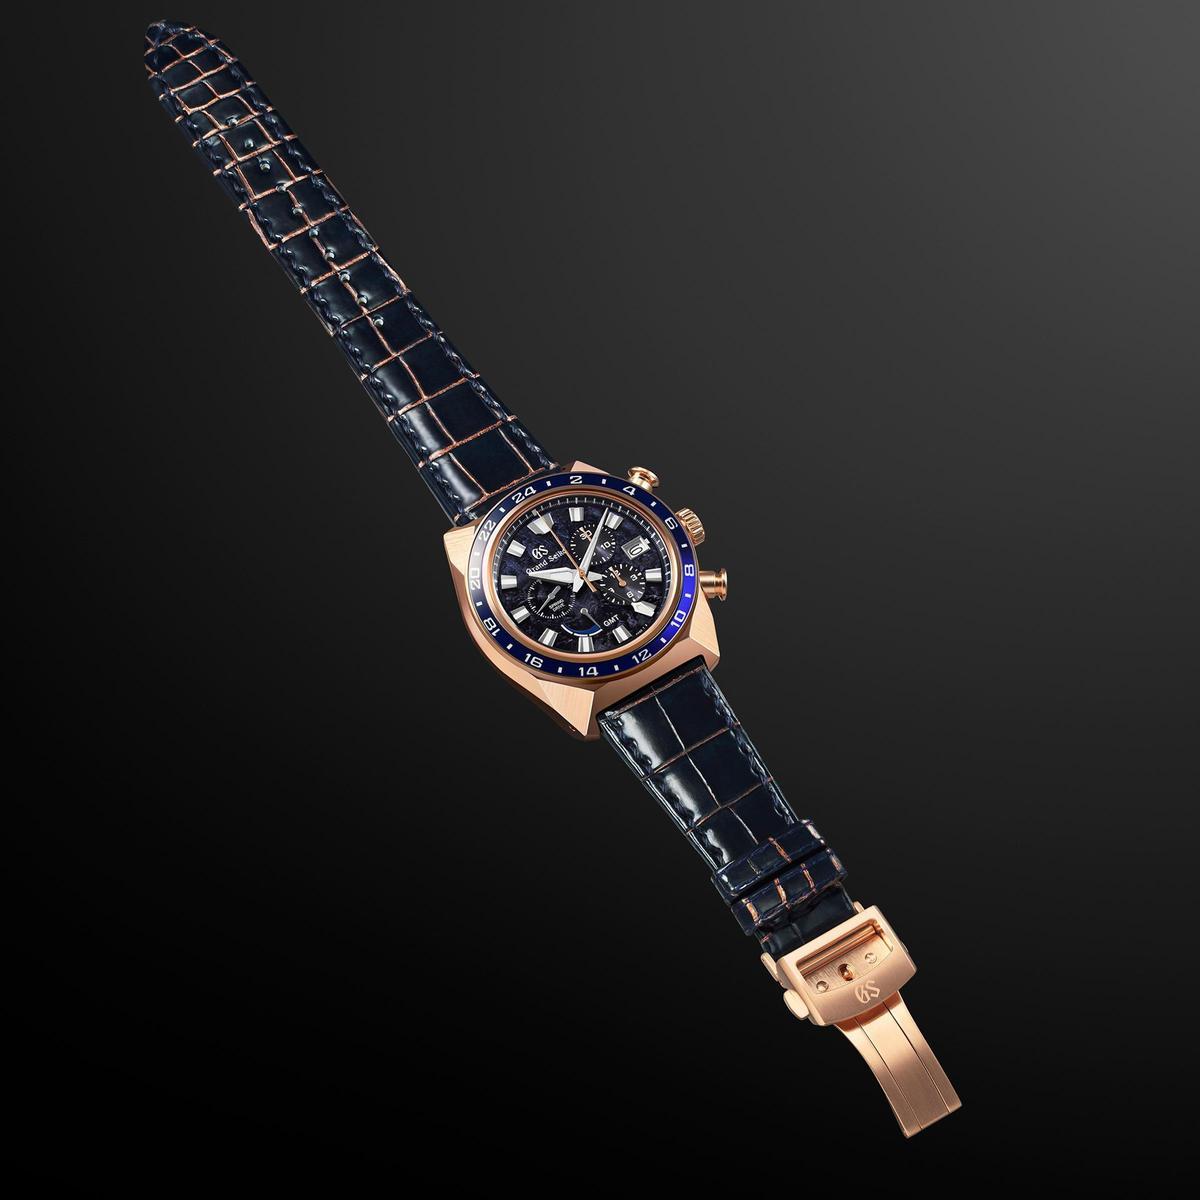 錶帶特別染成勝色,同時上頭也裝飾玫瑰金色縫線,呈現戰國武士甲冑的樣貌。